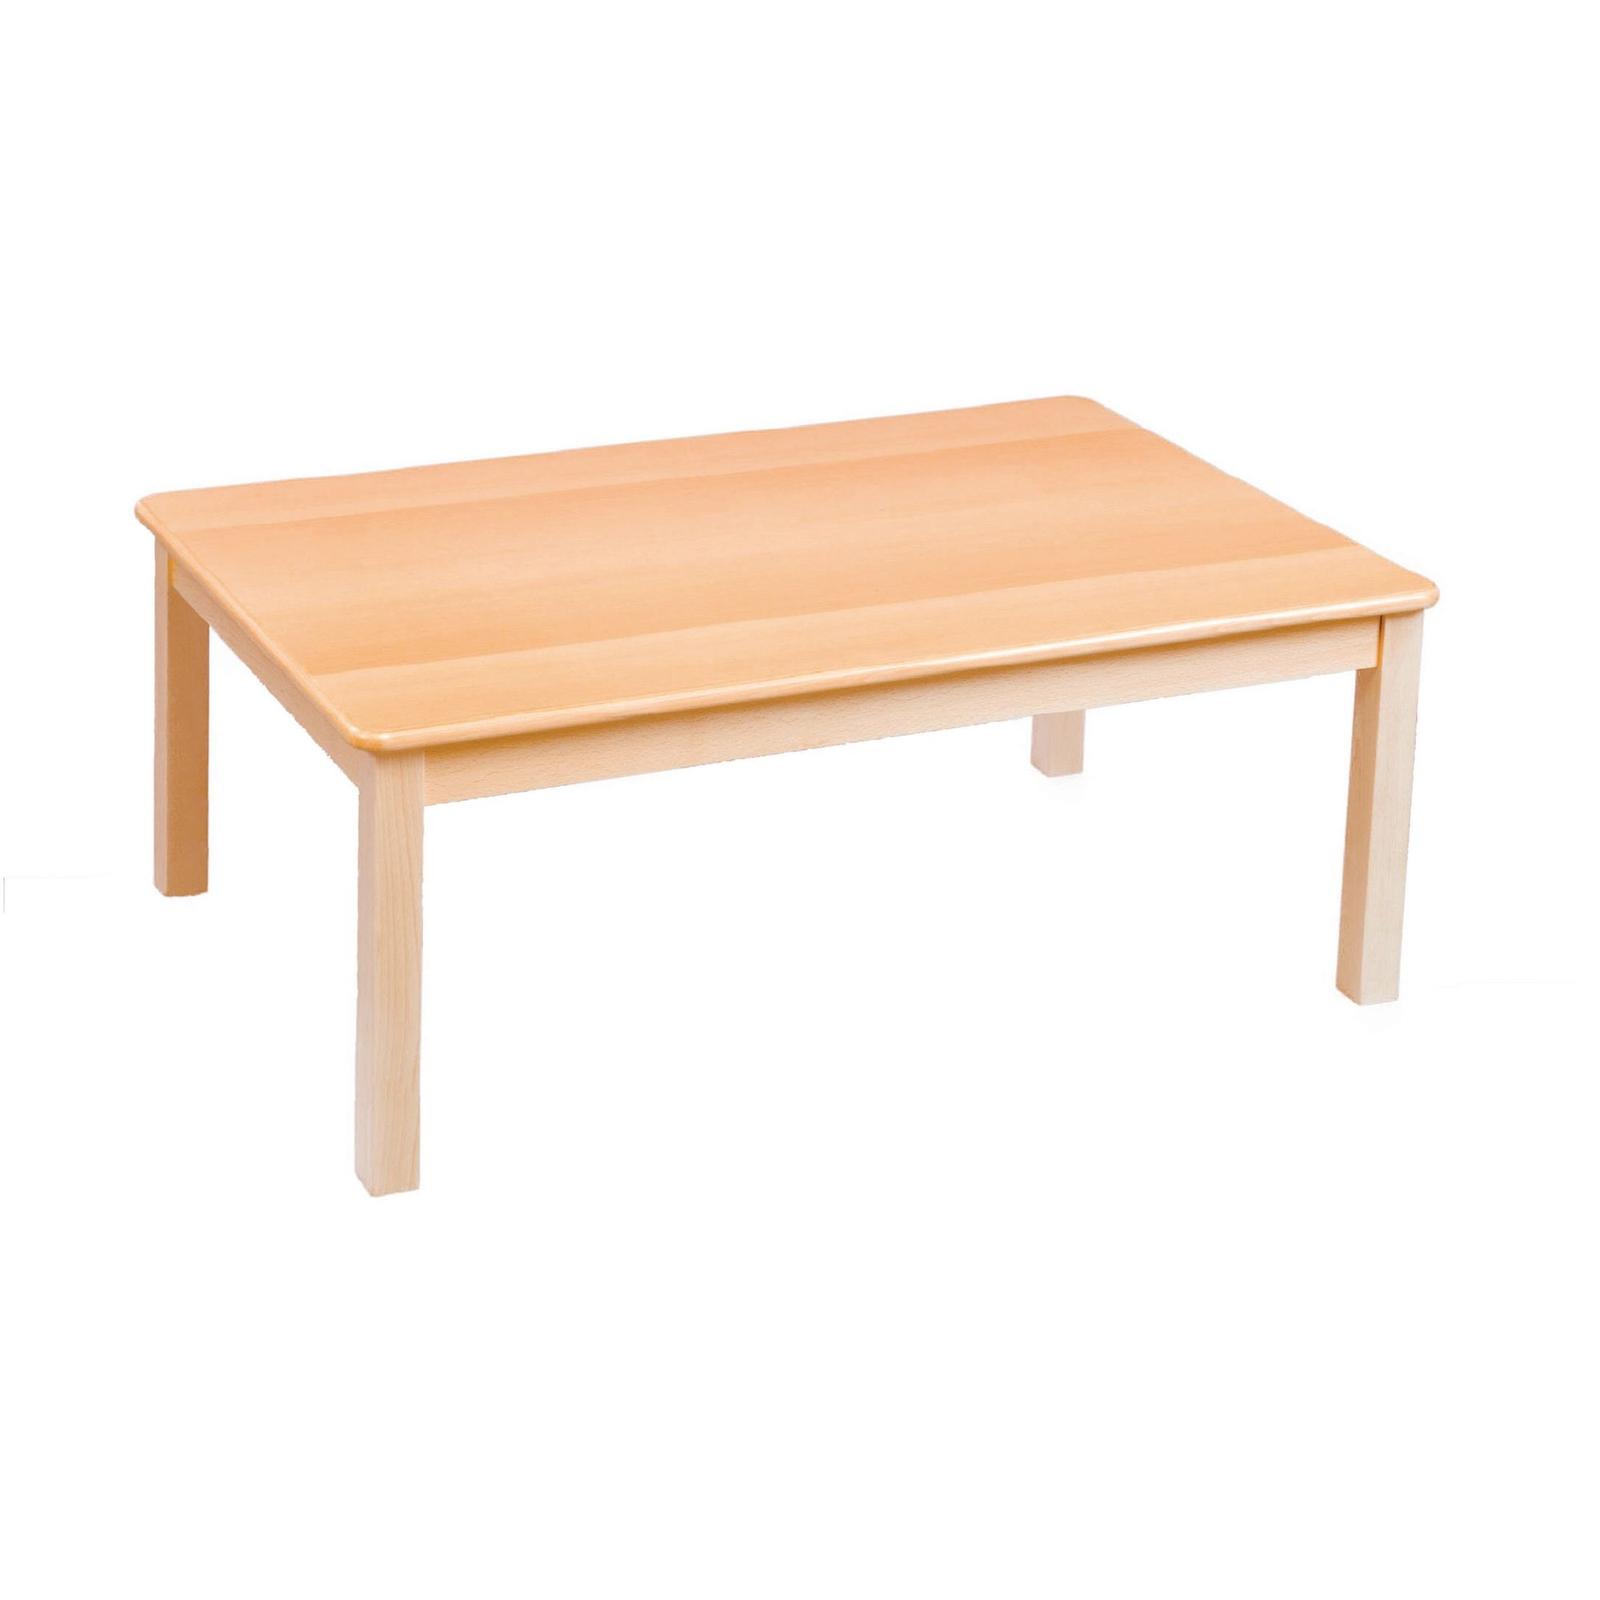 GALT Rectangular Solid Beech Classroom Table - 960 x 690 x 300mm - Beech